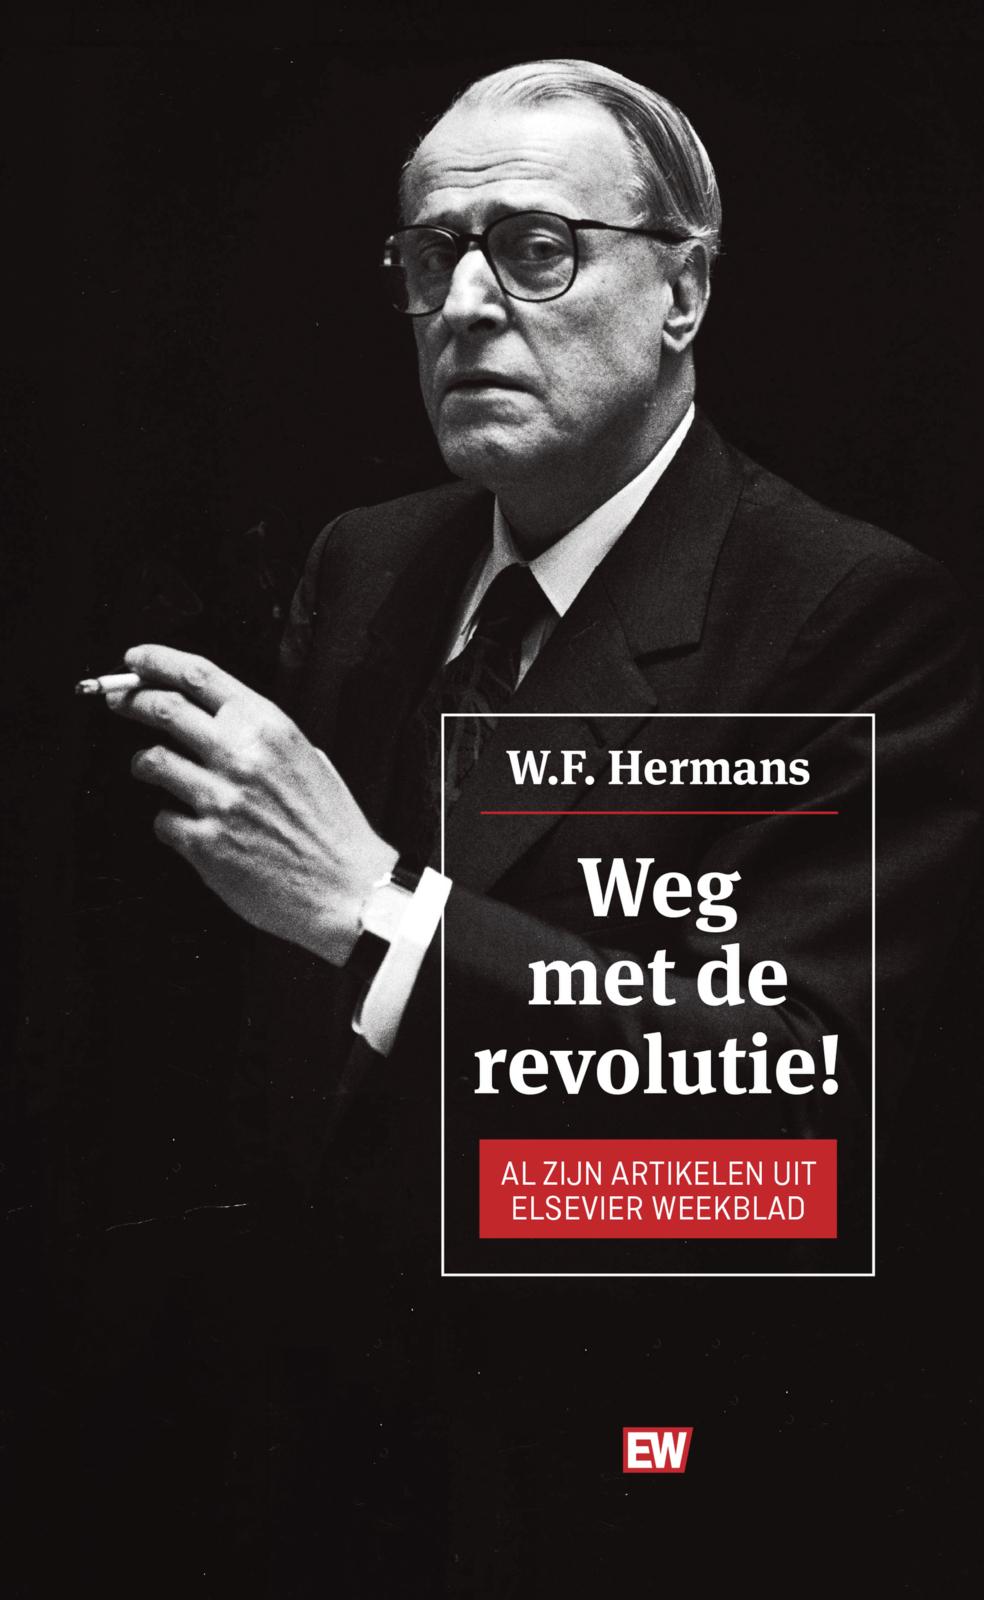 Weg met de revolutie! door W.F. Hermans